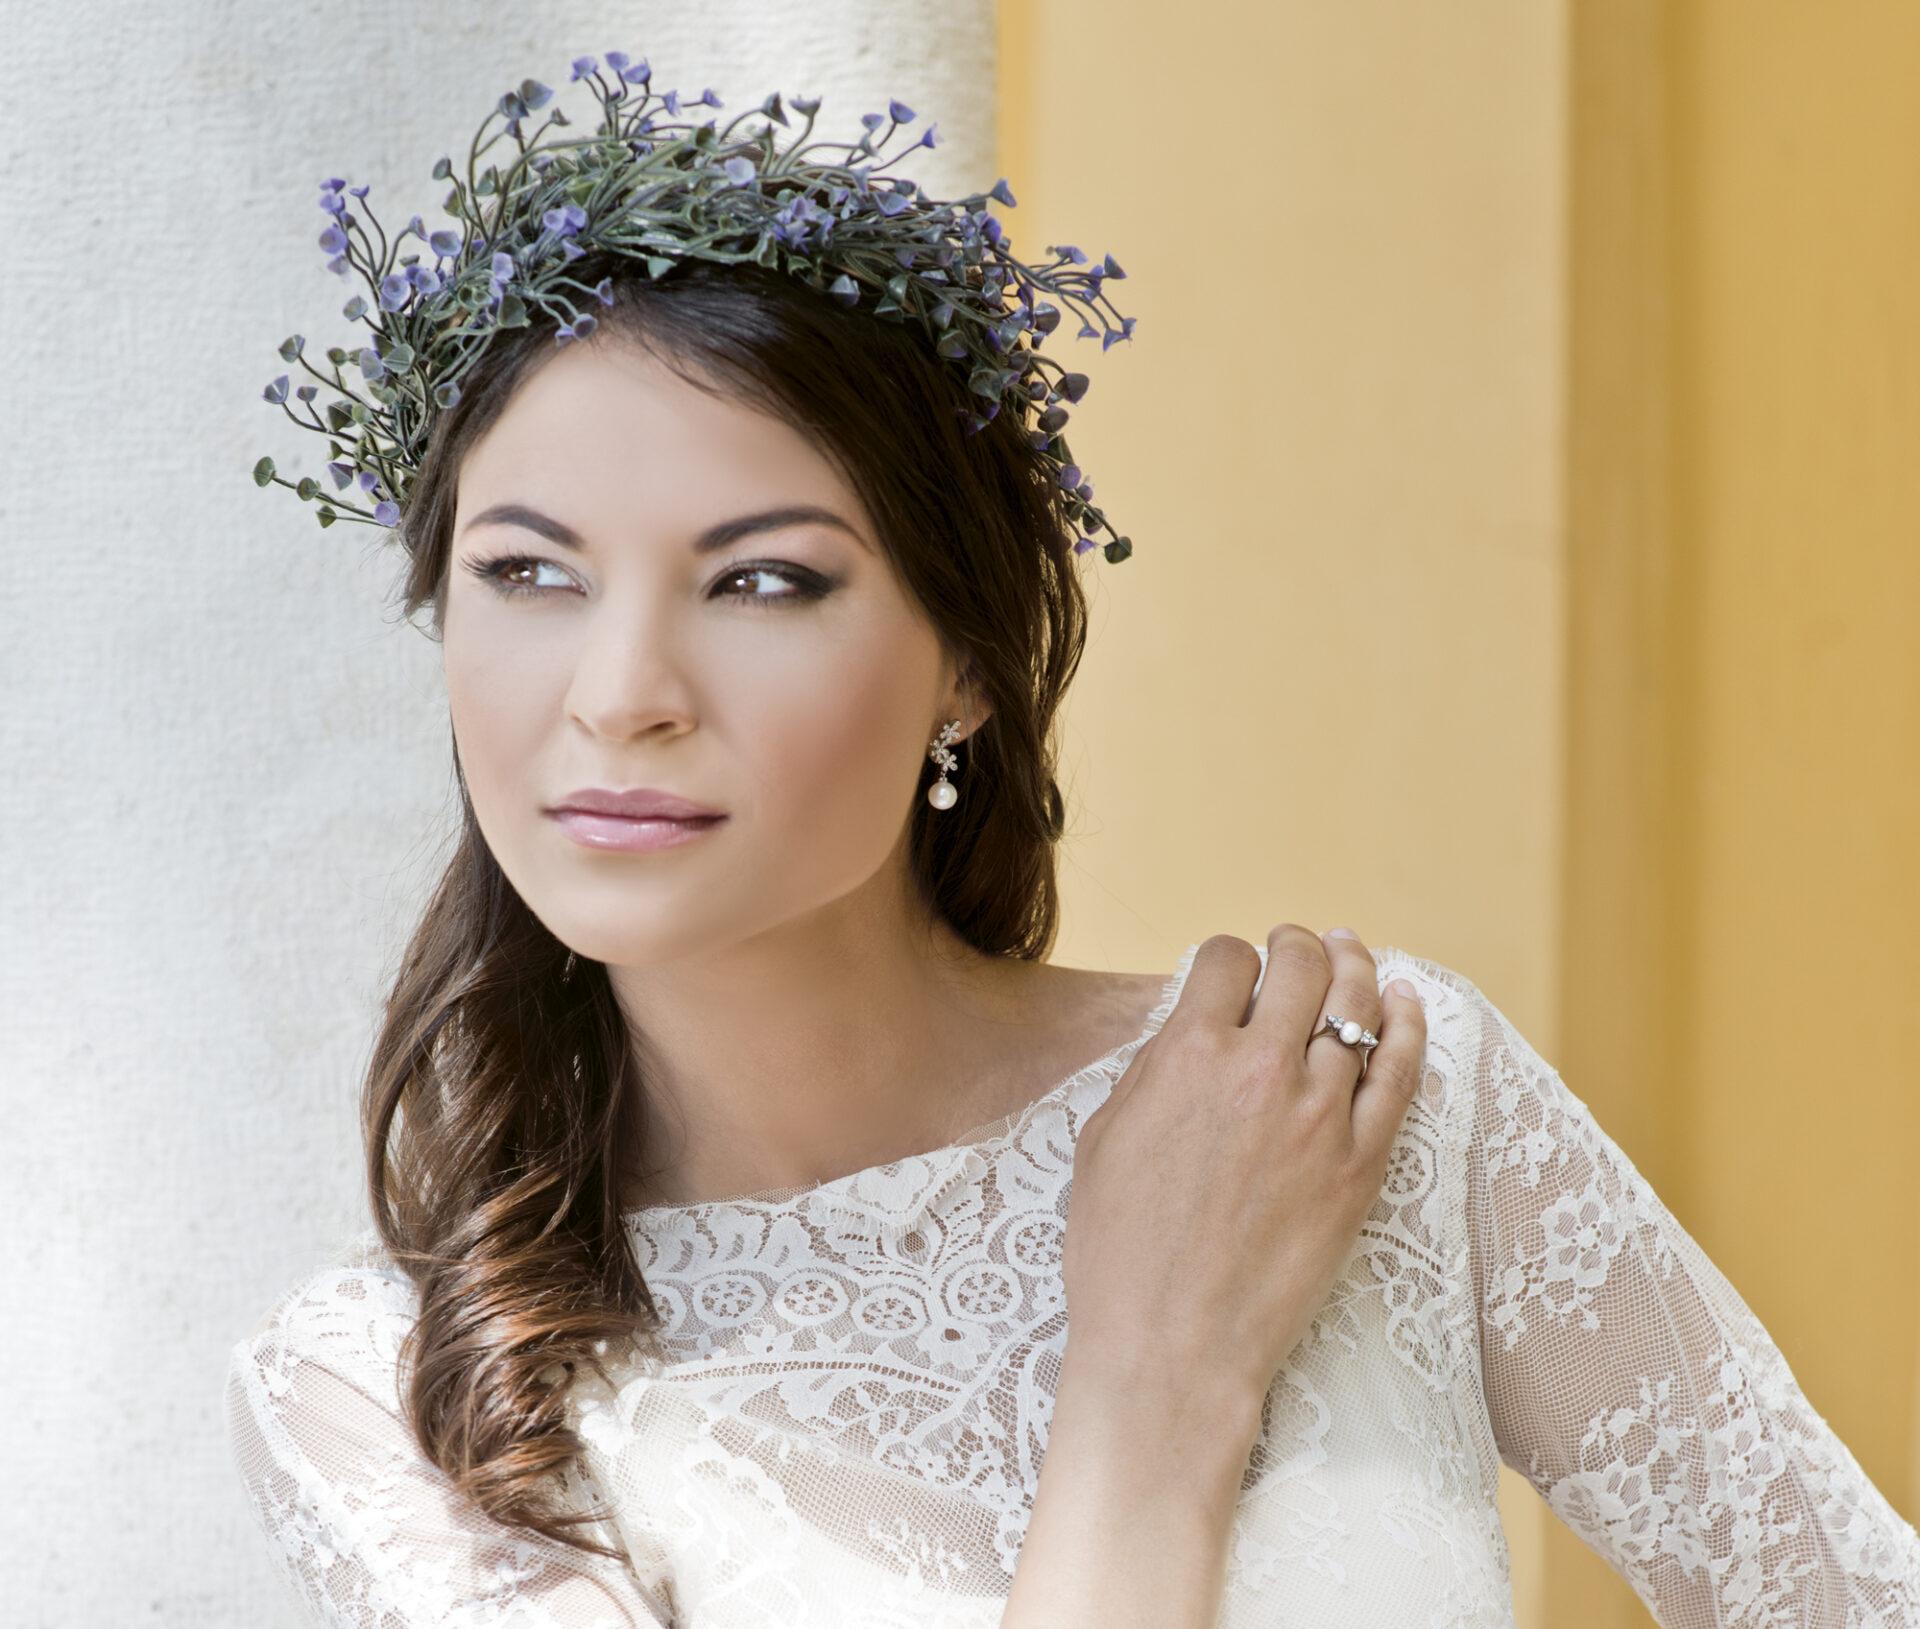 Nádai Anikó, menyasszonyi ruha, menyasszonyi ékszer, menyasszonyi smink, alkalmi smink, esküvői smink, menyasszonyi frizura, alkalmi frizura